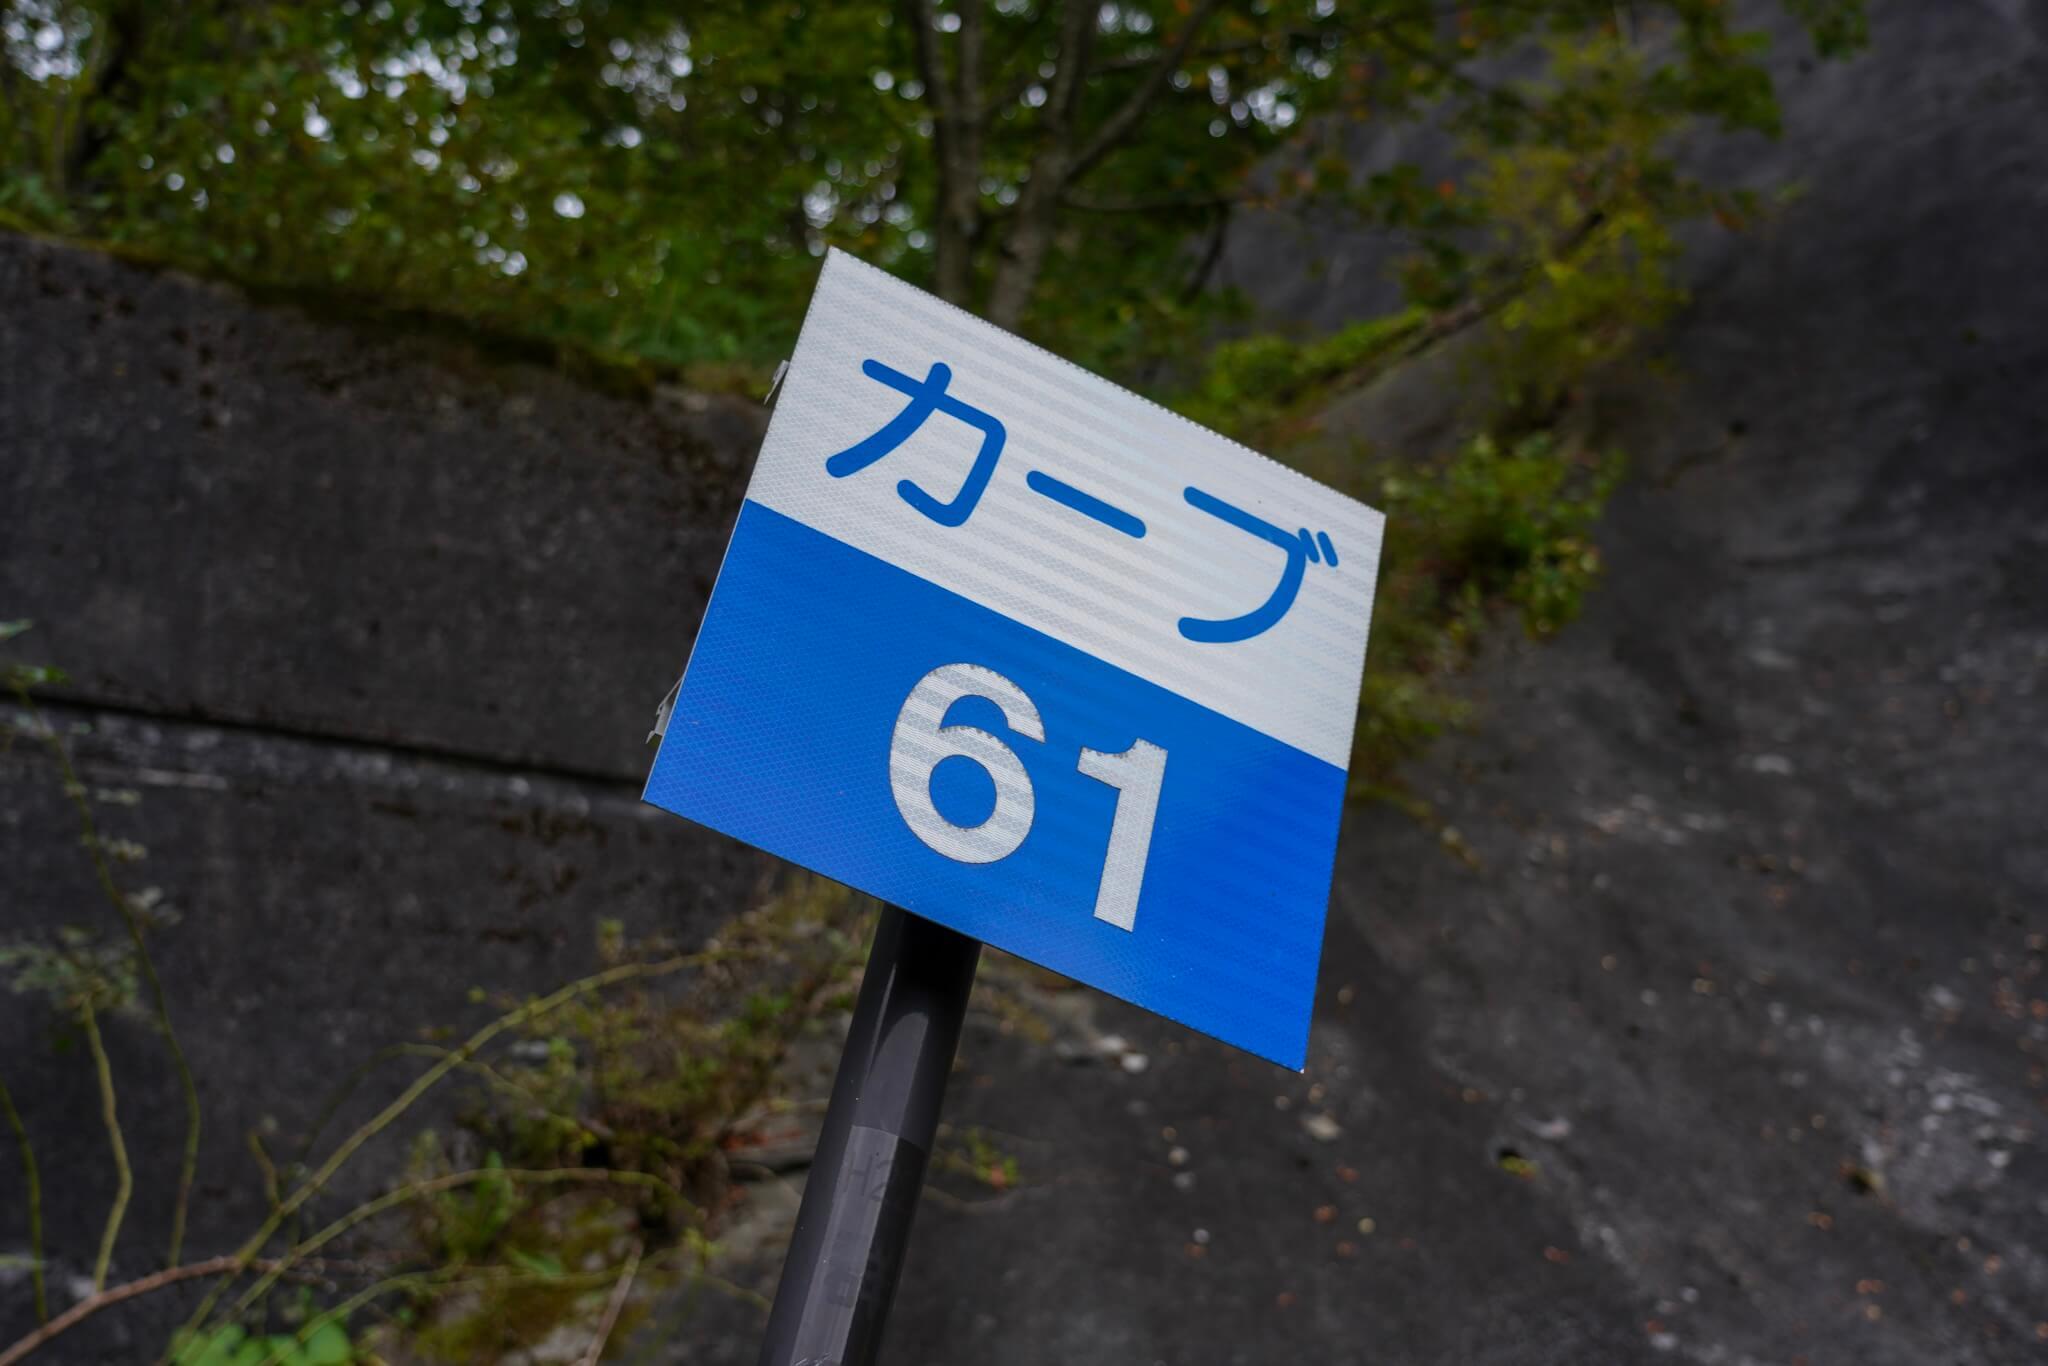 赤城山 峠 カーブNo.61